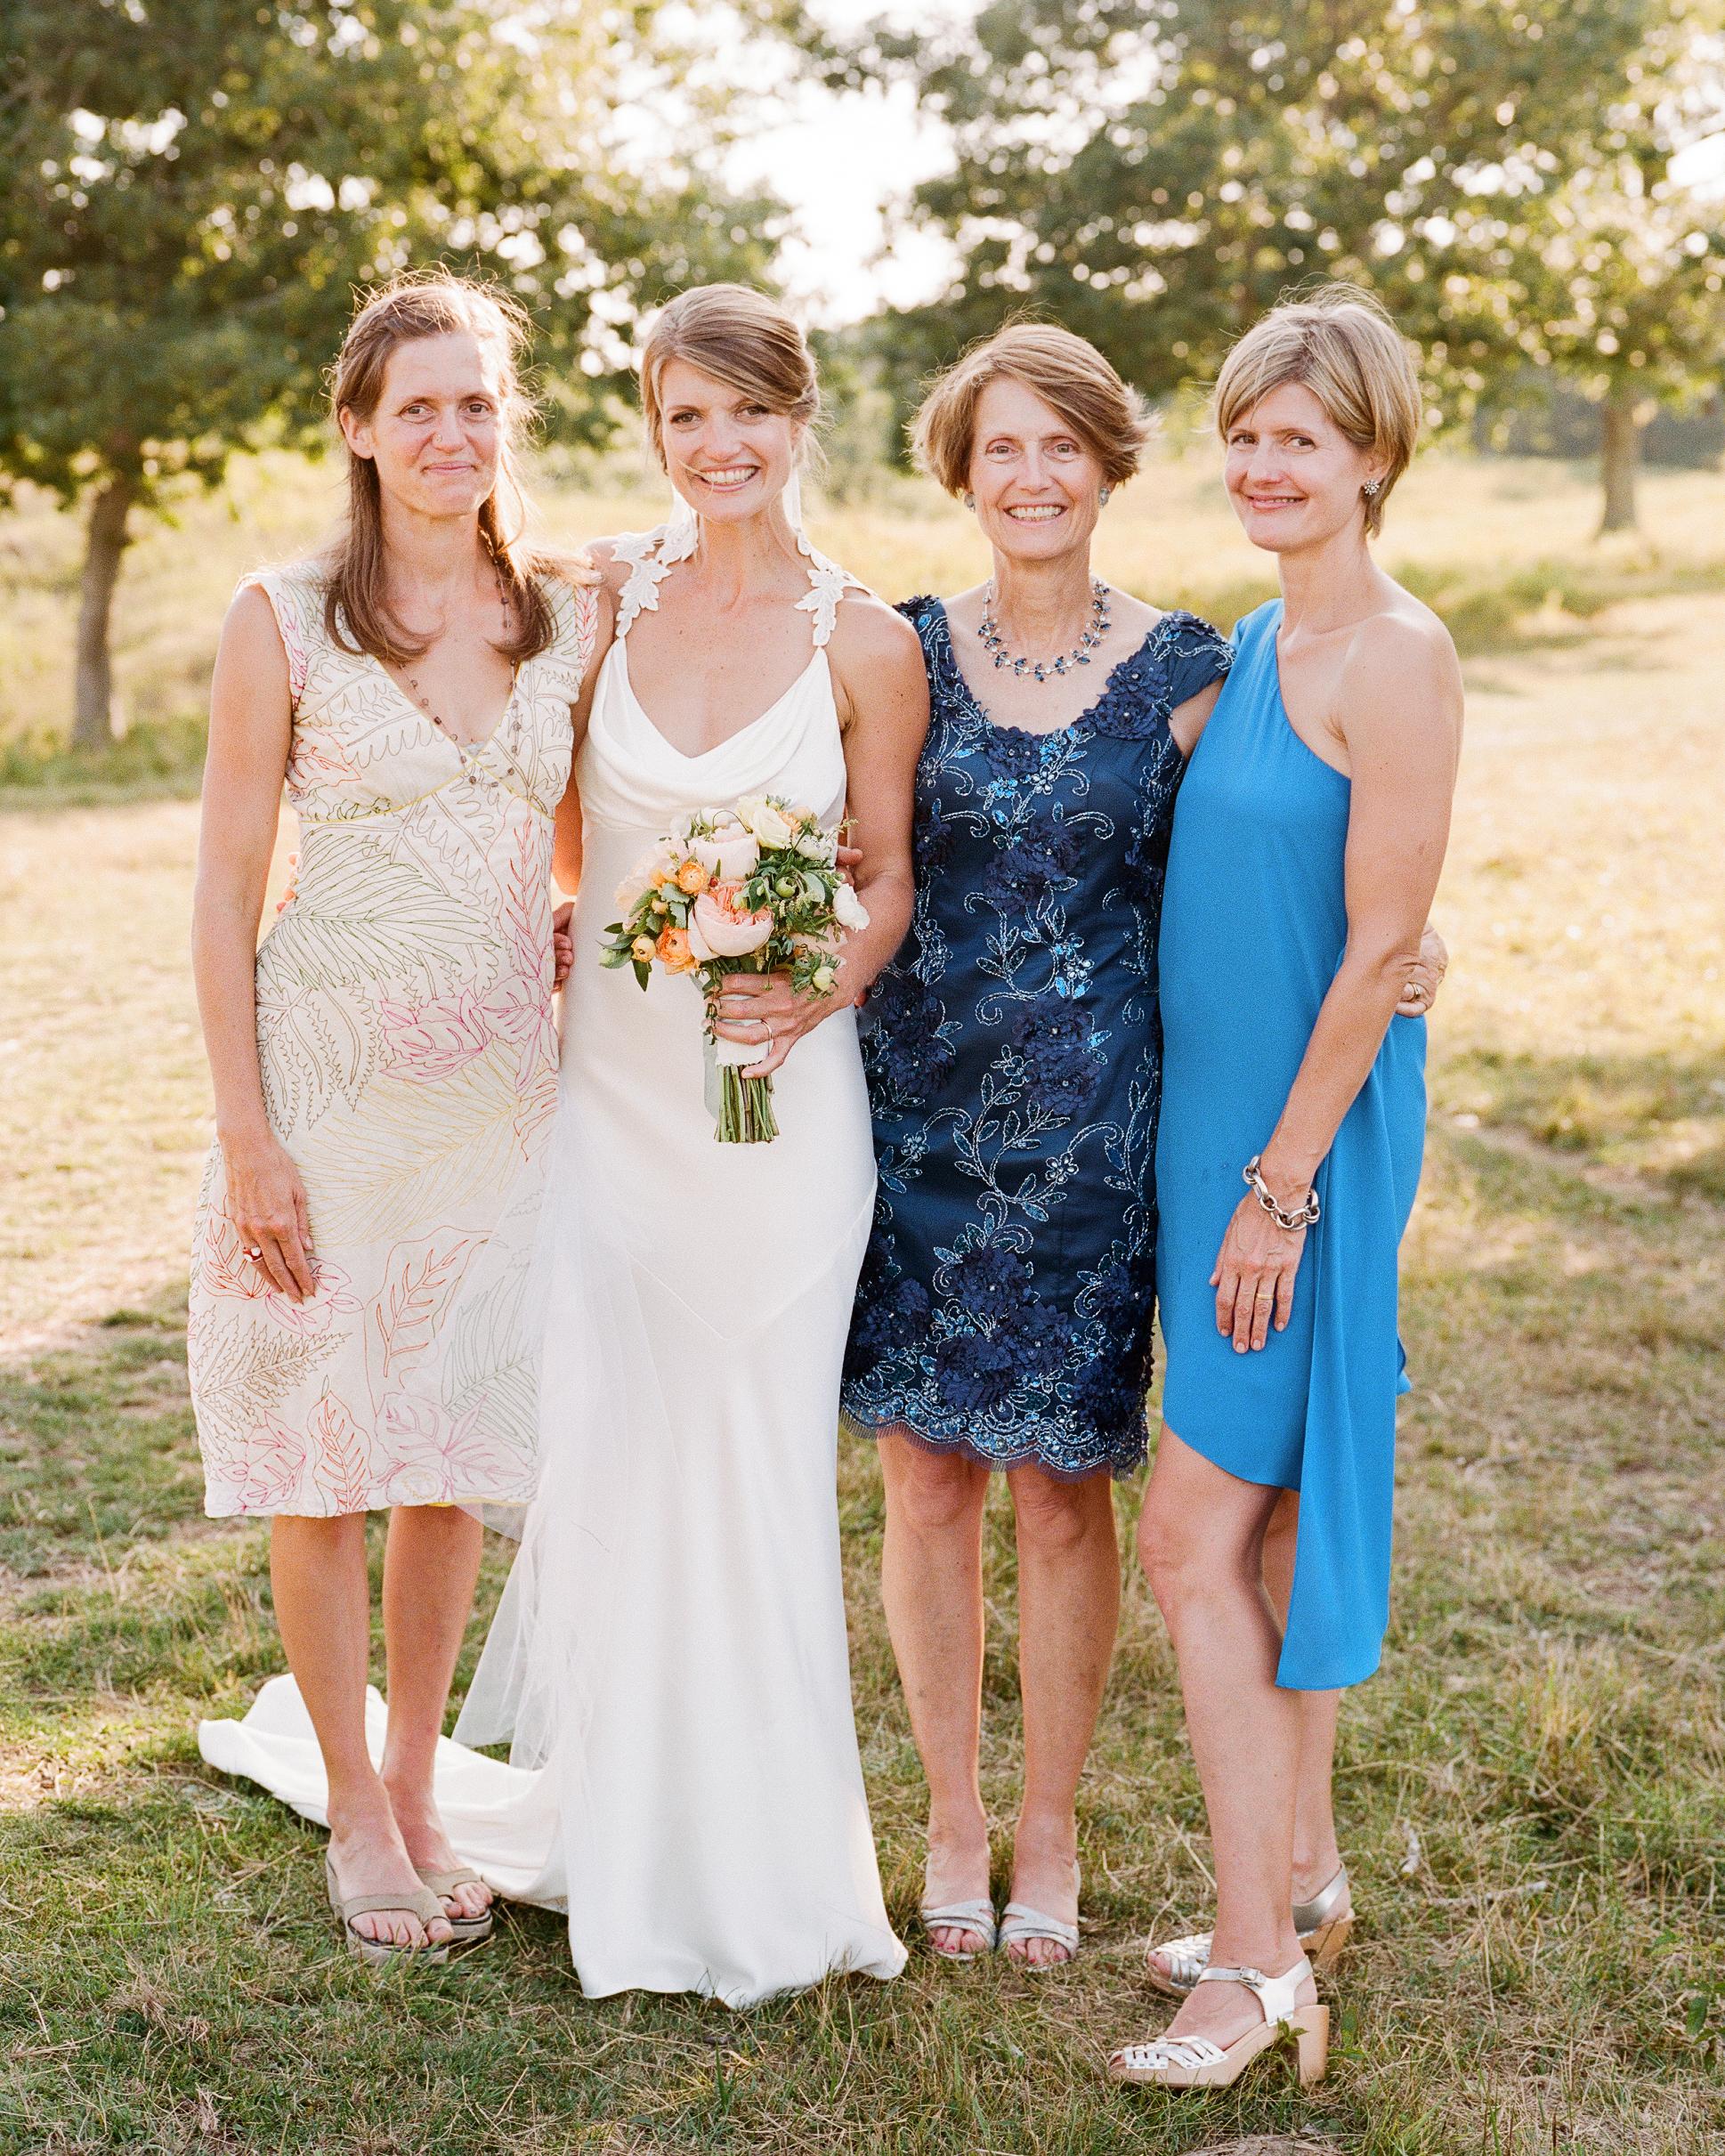 jocelyn-graham-wedding-family-0967-s111847-0315.jpg